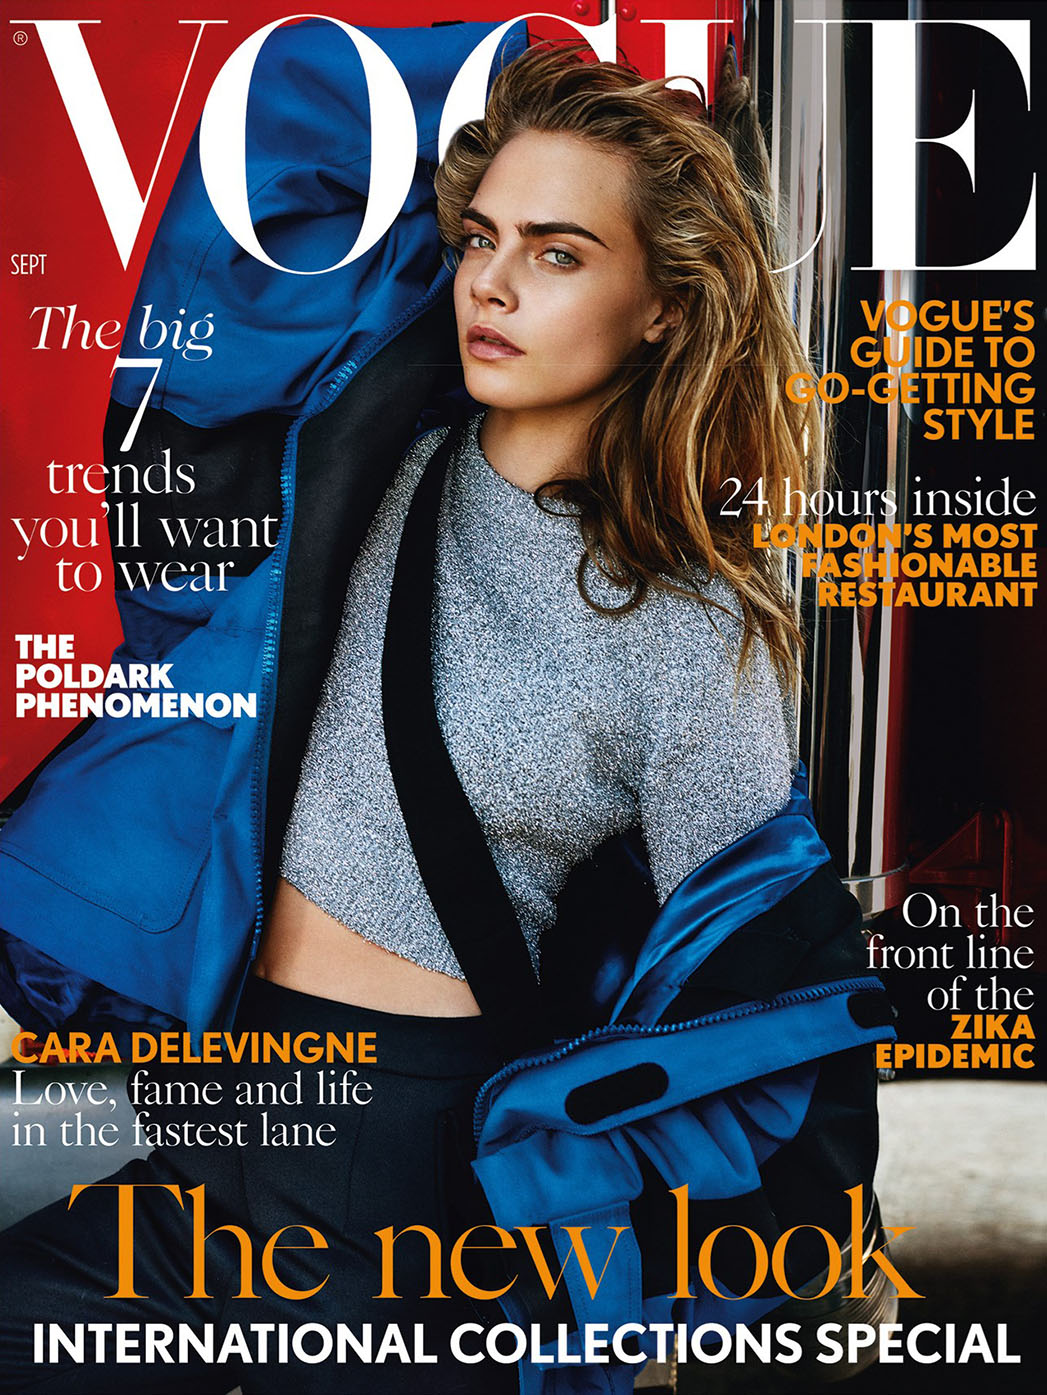 Vogue_Cara_Delevingne__Sept_2016_Cover - P 2016